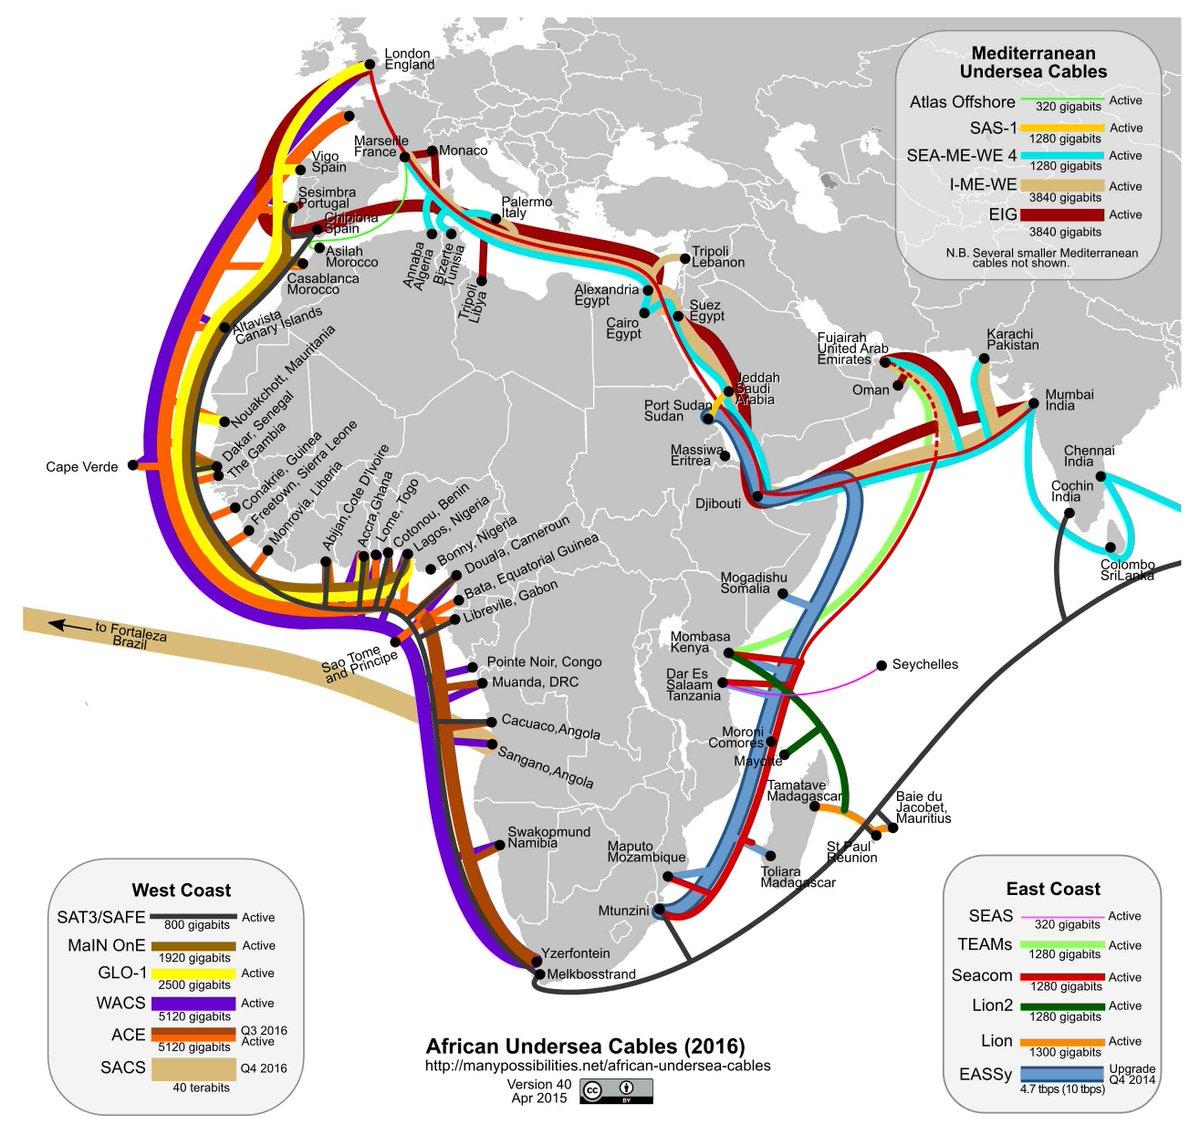 Je suis très excité d'apprendre que le #Gabon pourrait être le premier pays africain à offrir la technologie #LTE http://t.co/bTsoMgZCI1